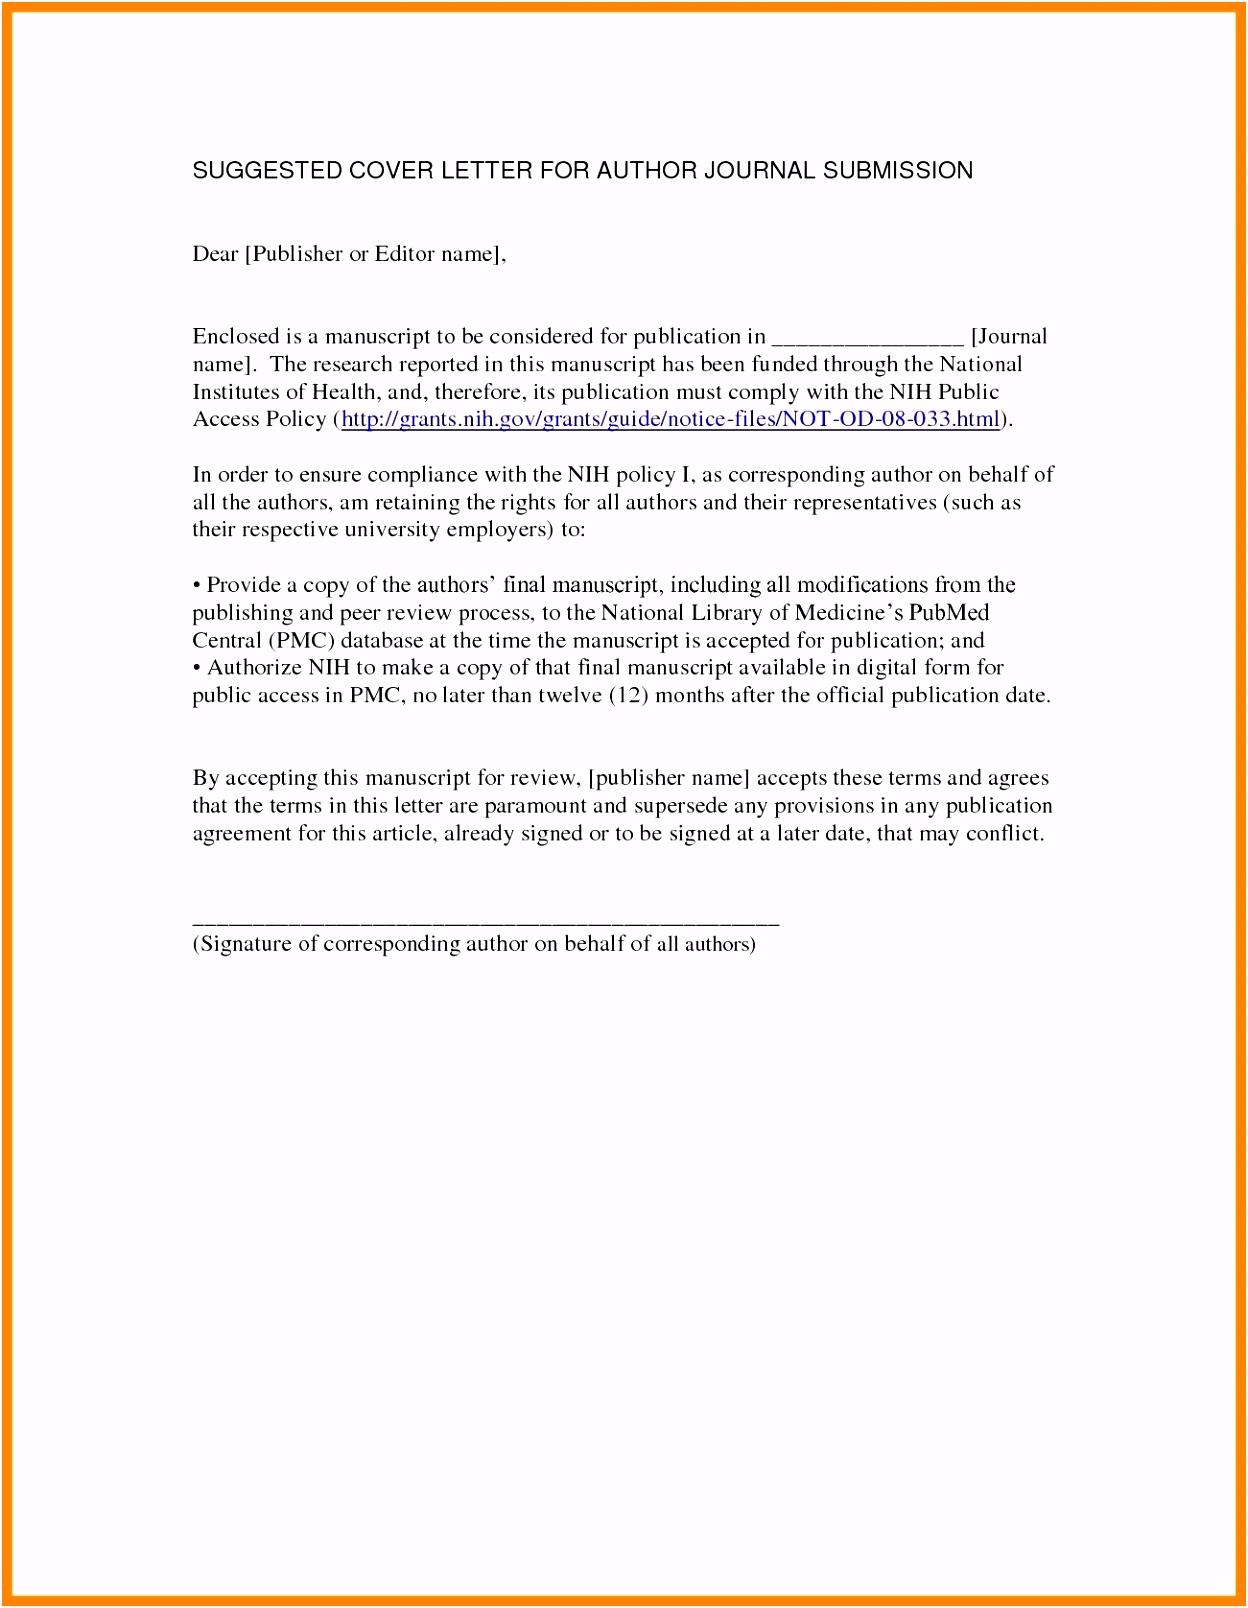 Libreoffice Einladung Vorlage Alice Nichols H7ig21skf6 Hvii0viku4